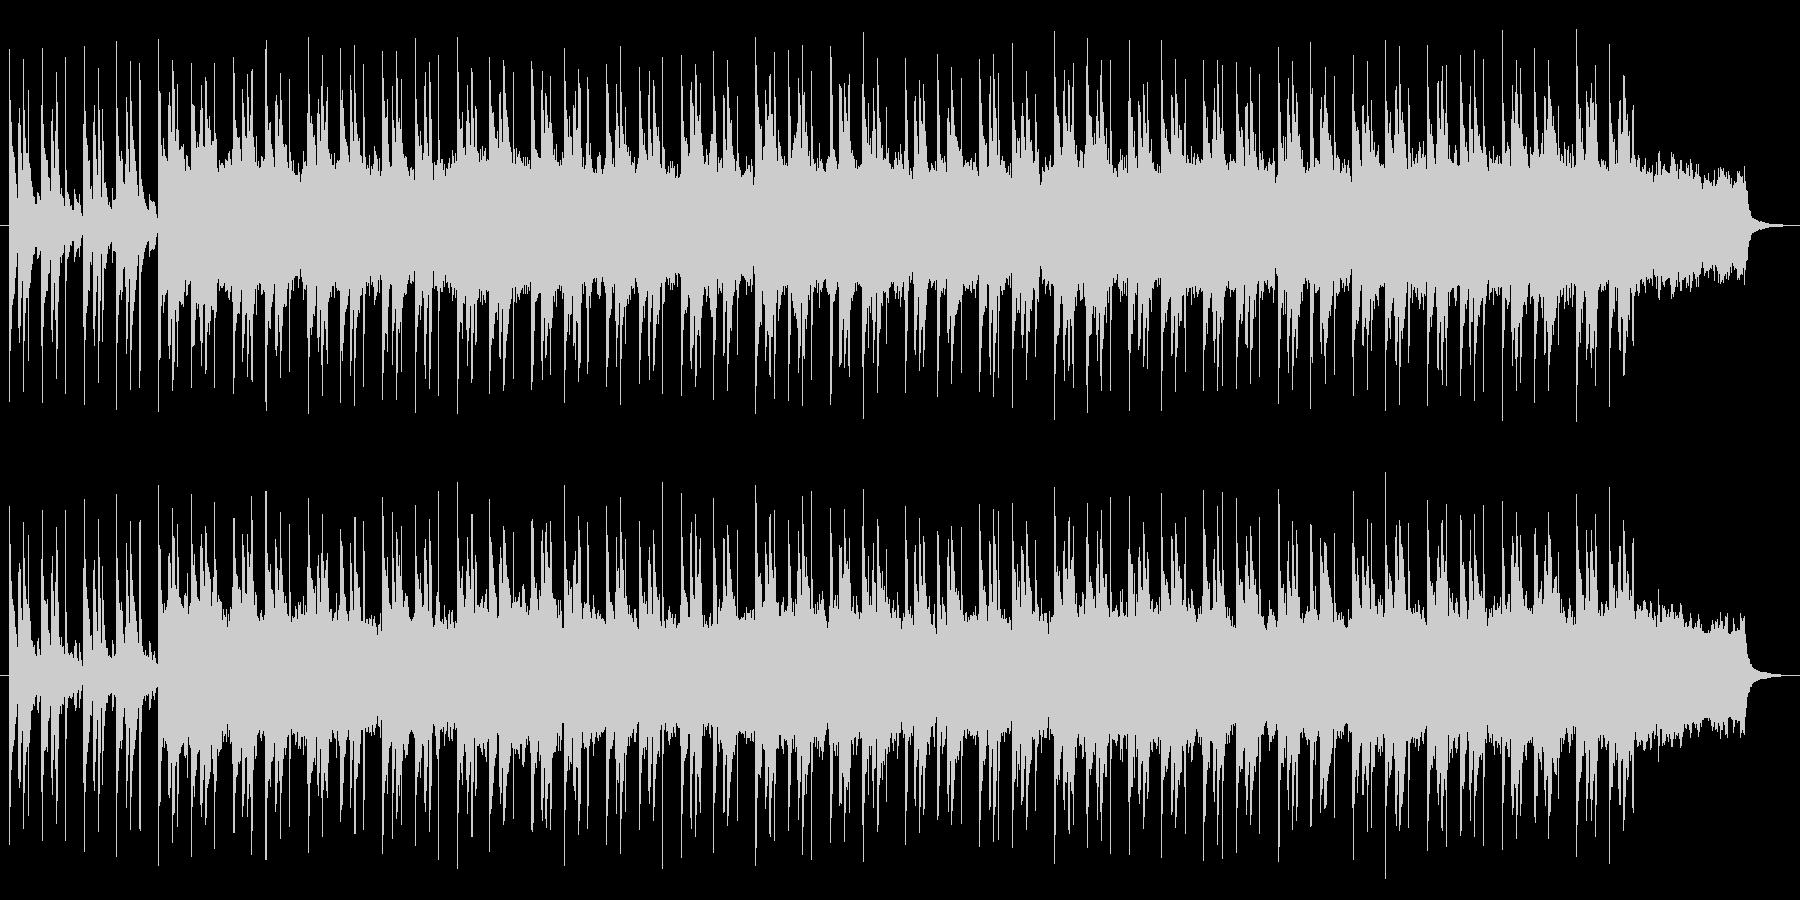 壮大な雰囲気の曲の未再生の波形